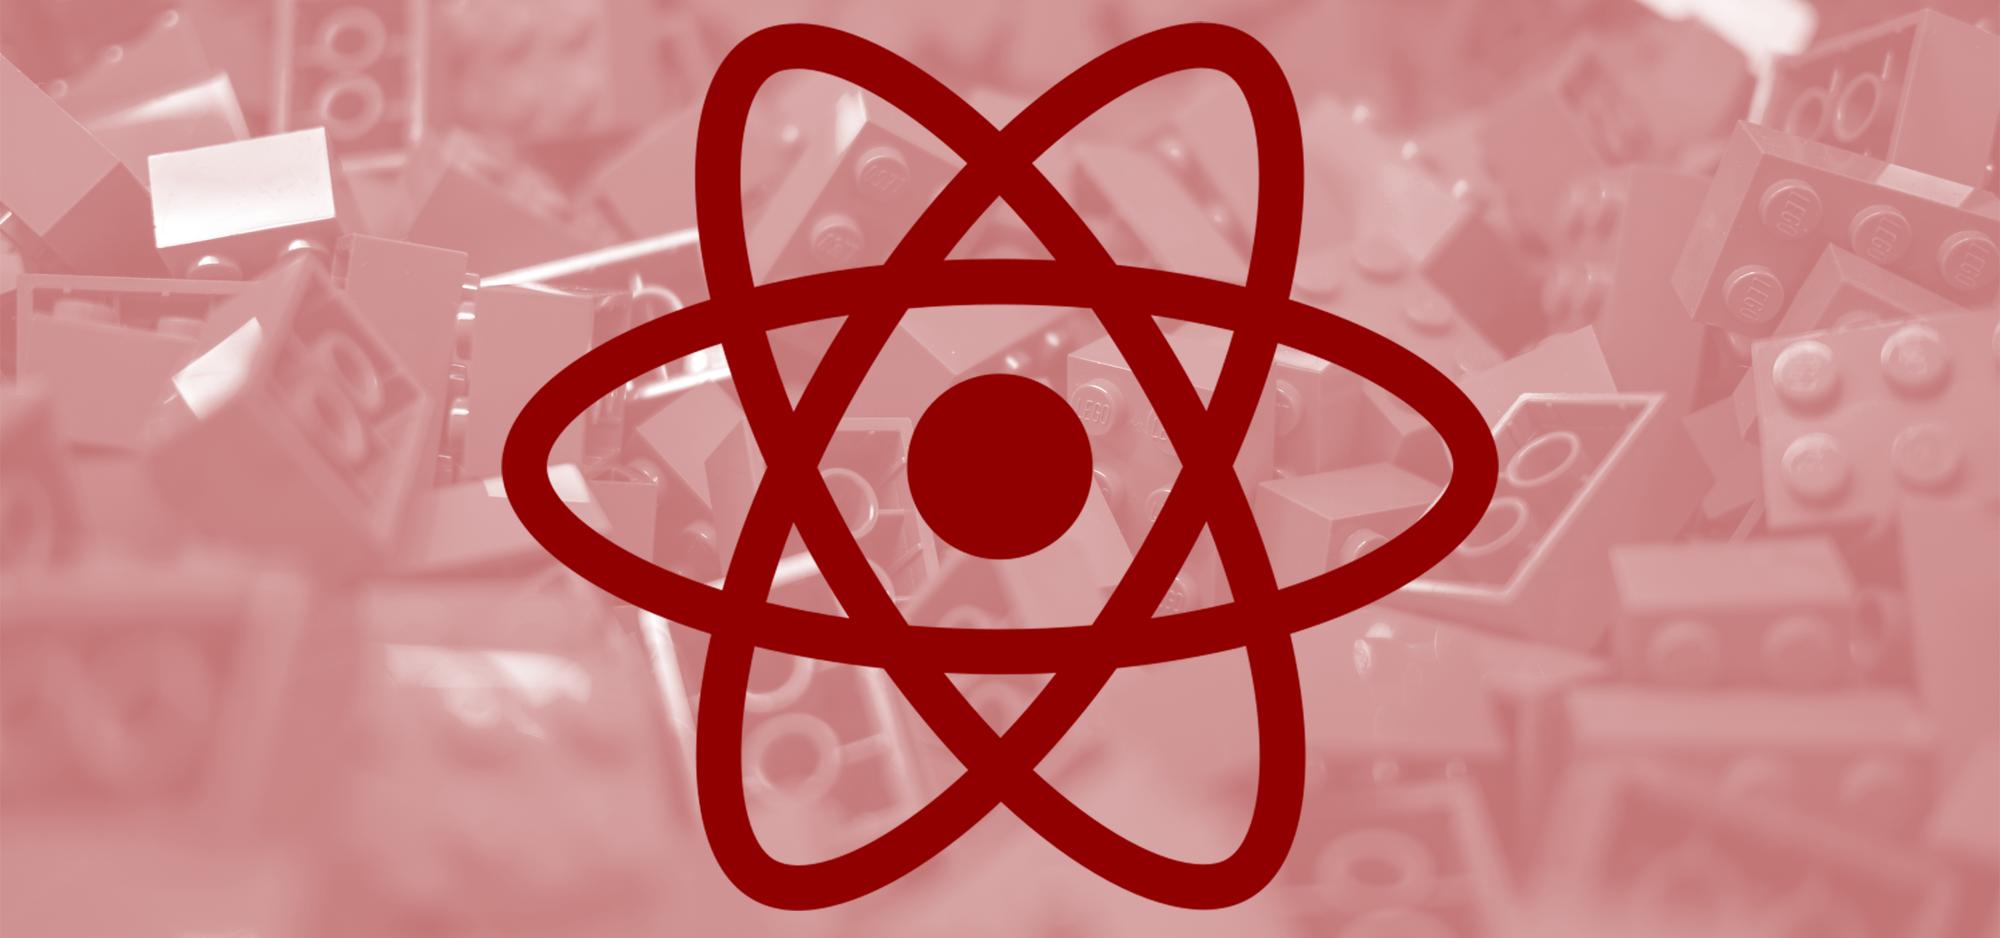 React banner